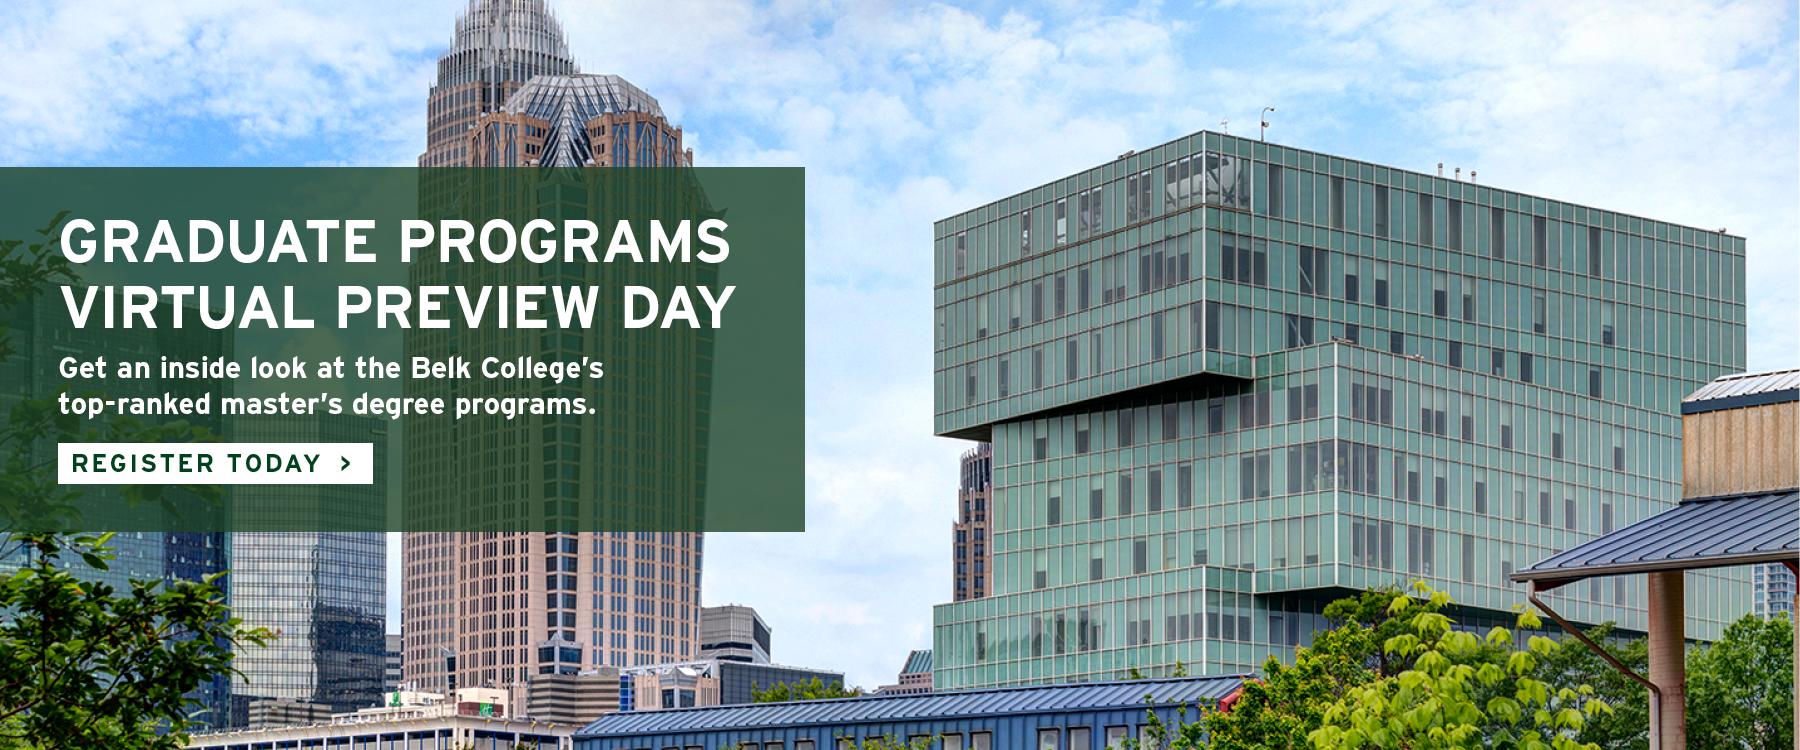 Graduate Programs Virtual Preview Days